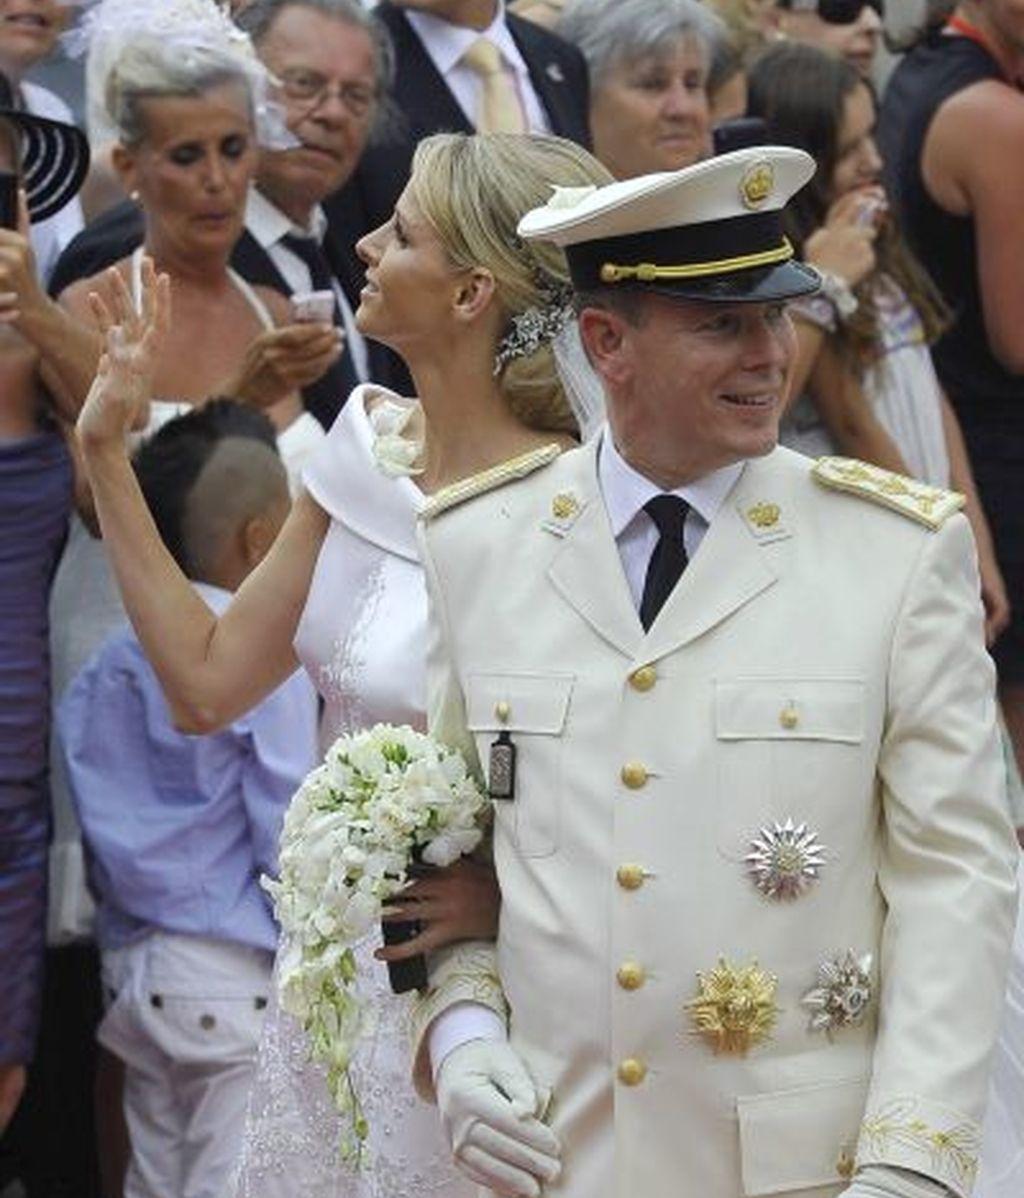 Los recién casados saludan al público en la alfombra roja